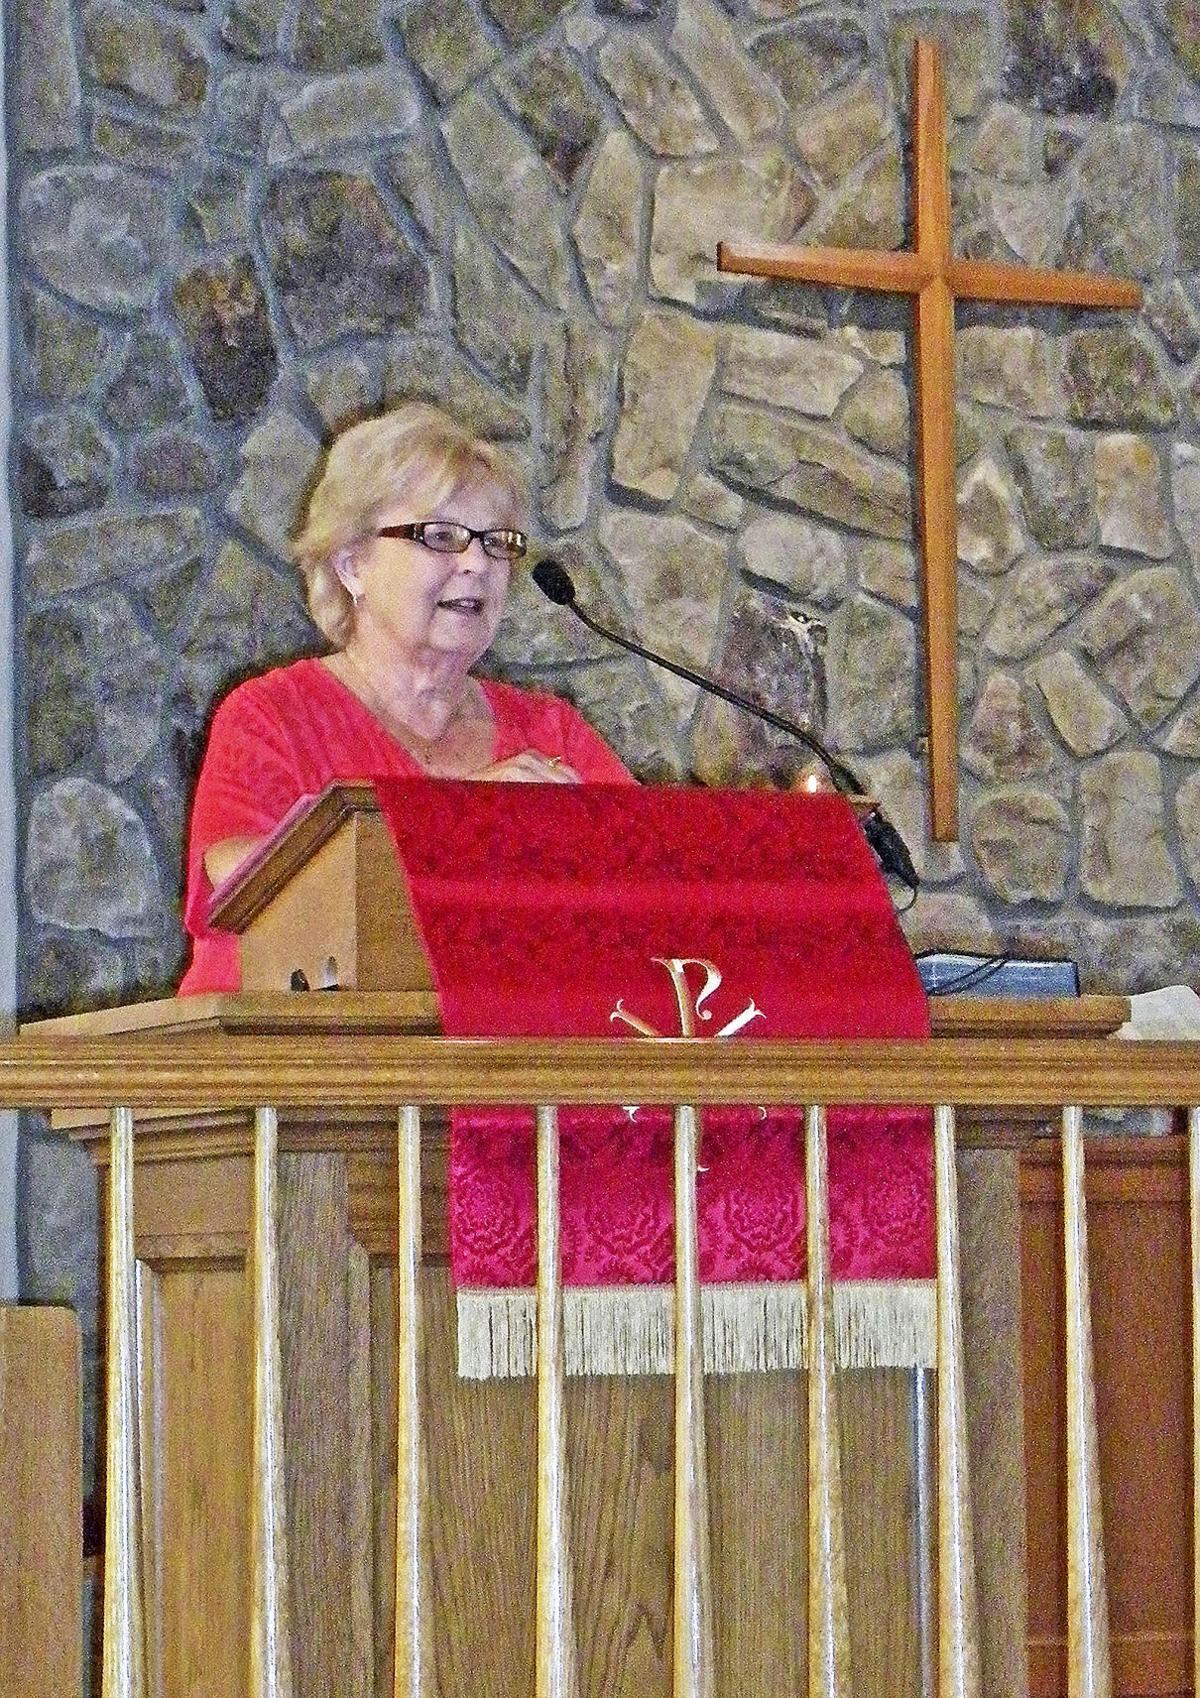 Rev. Sandra Conti